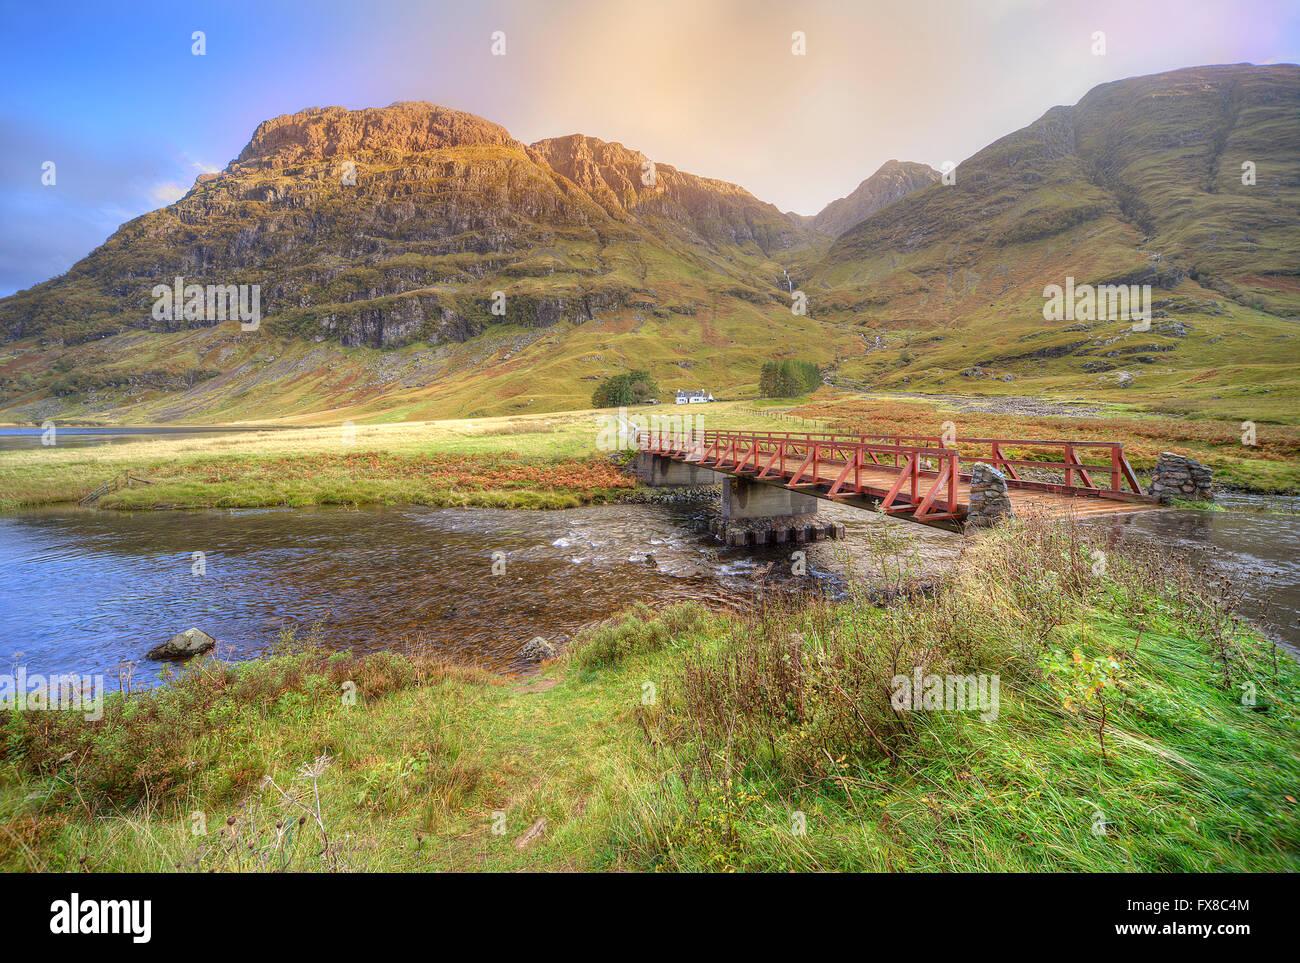 Pass of Glencoe, West Highlands - Stock Image